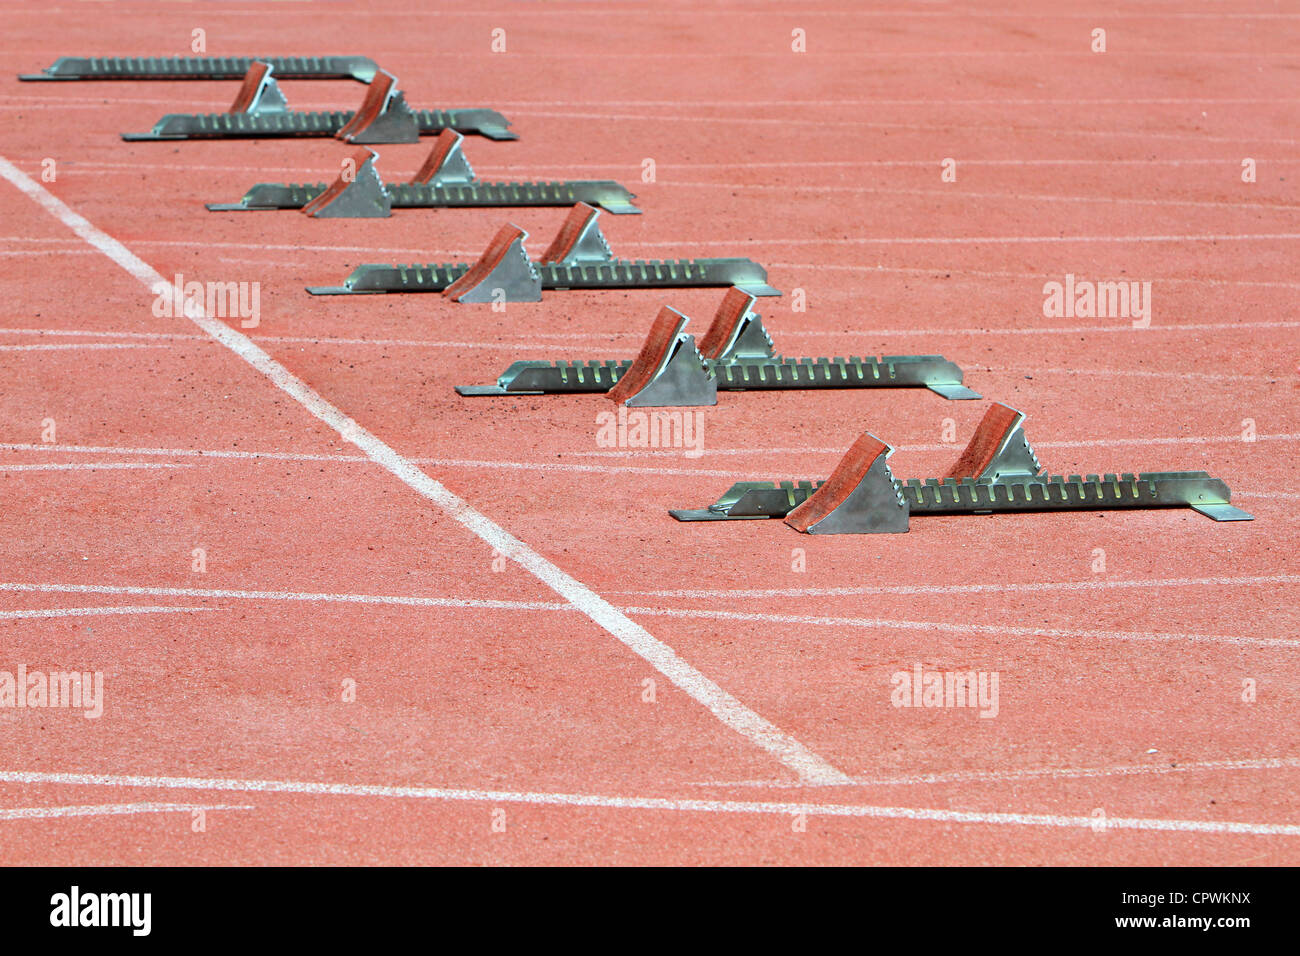 Atletica blocchi di partenza su un rosso acceso via allo stadio. Immagini Stock